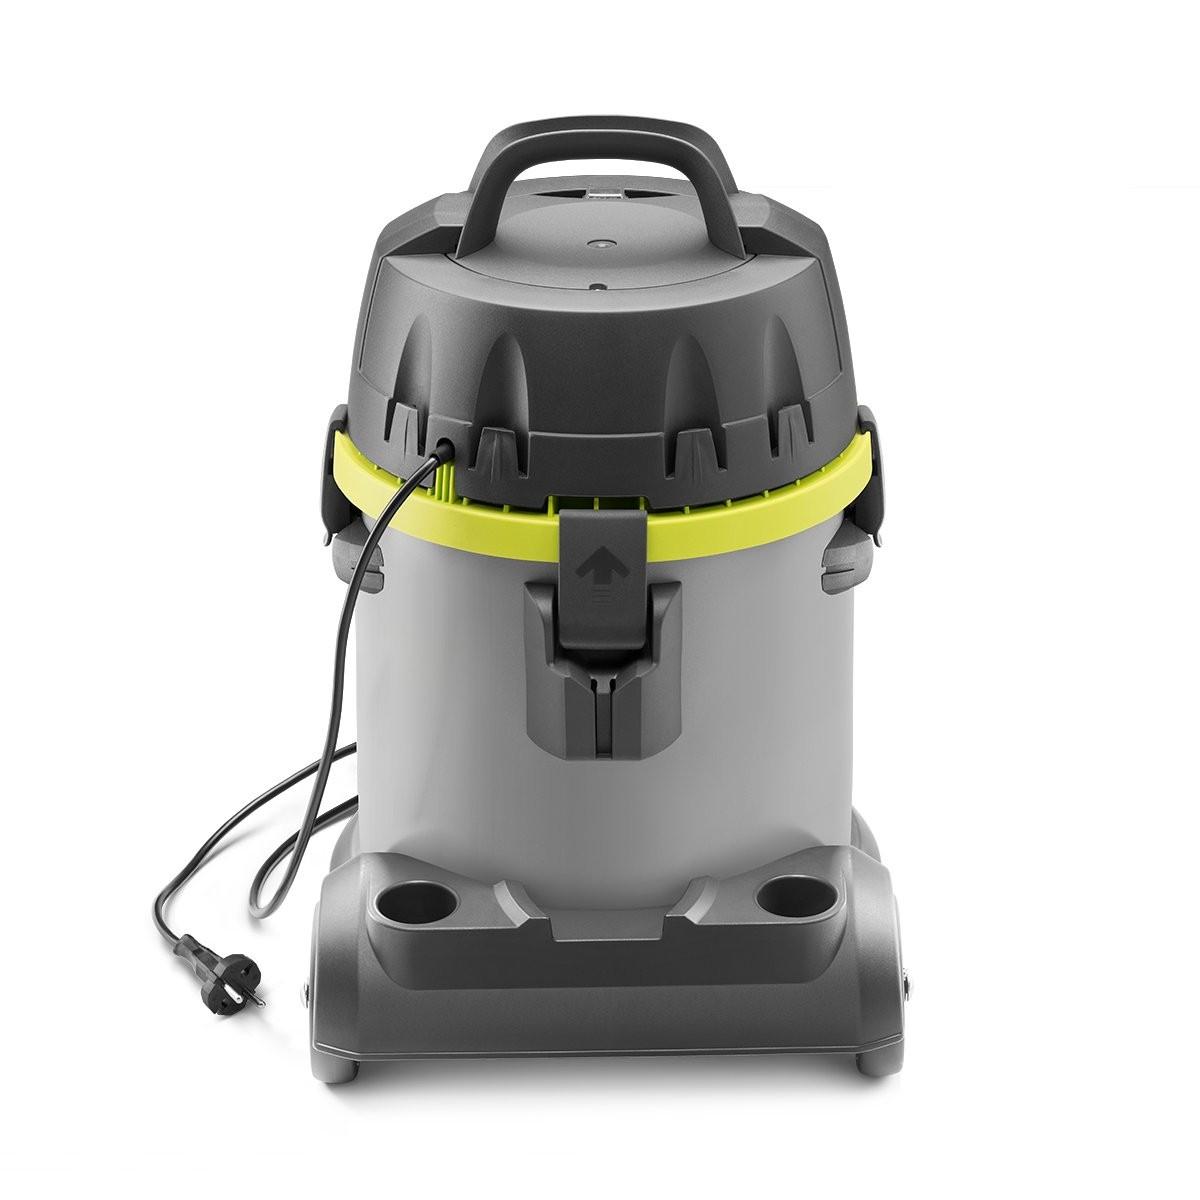 Пылесос для сухой уборки PROFI 5.1 MF